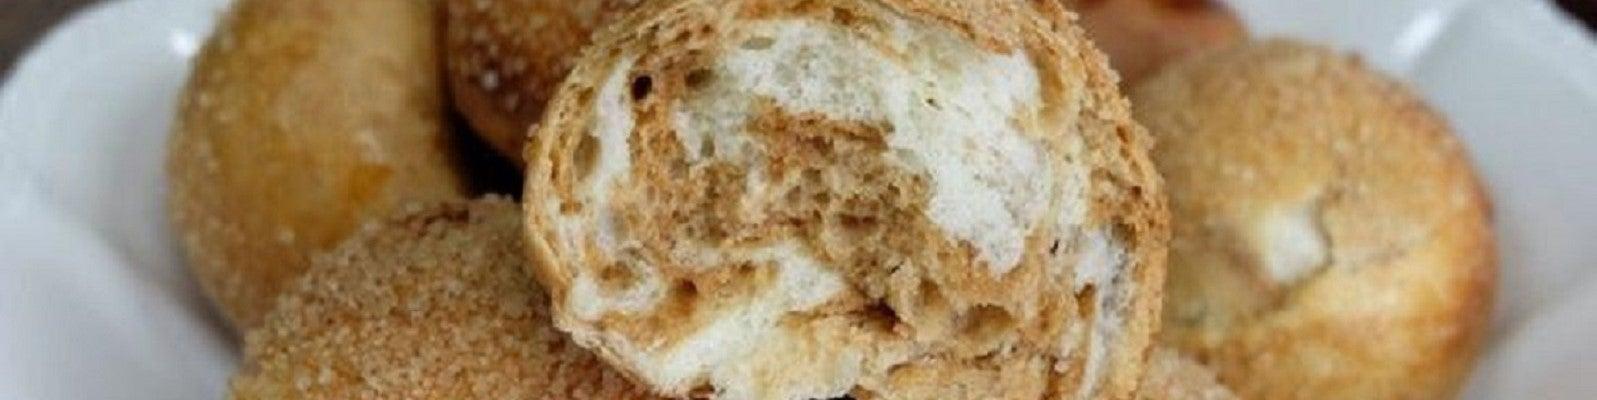 Petits pains au lait marbrés café